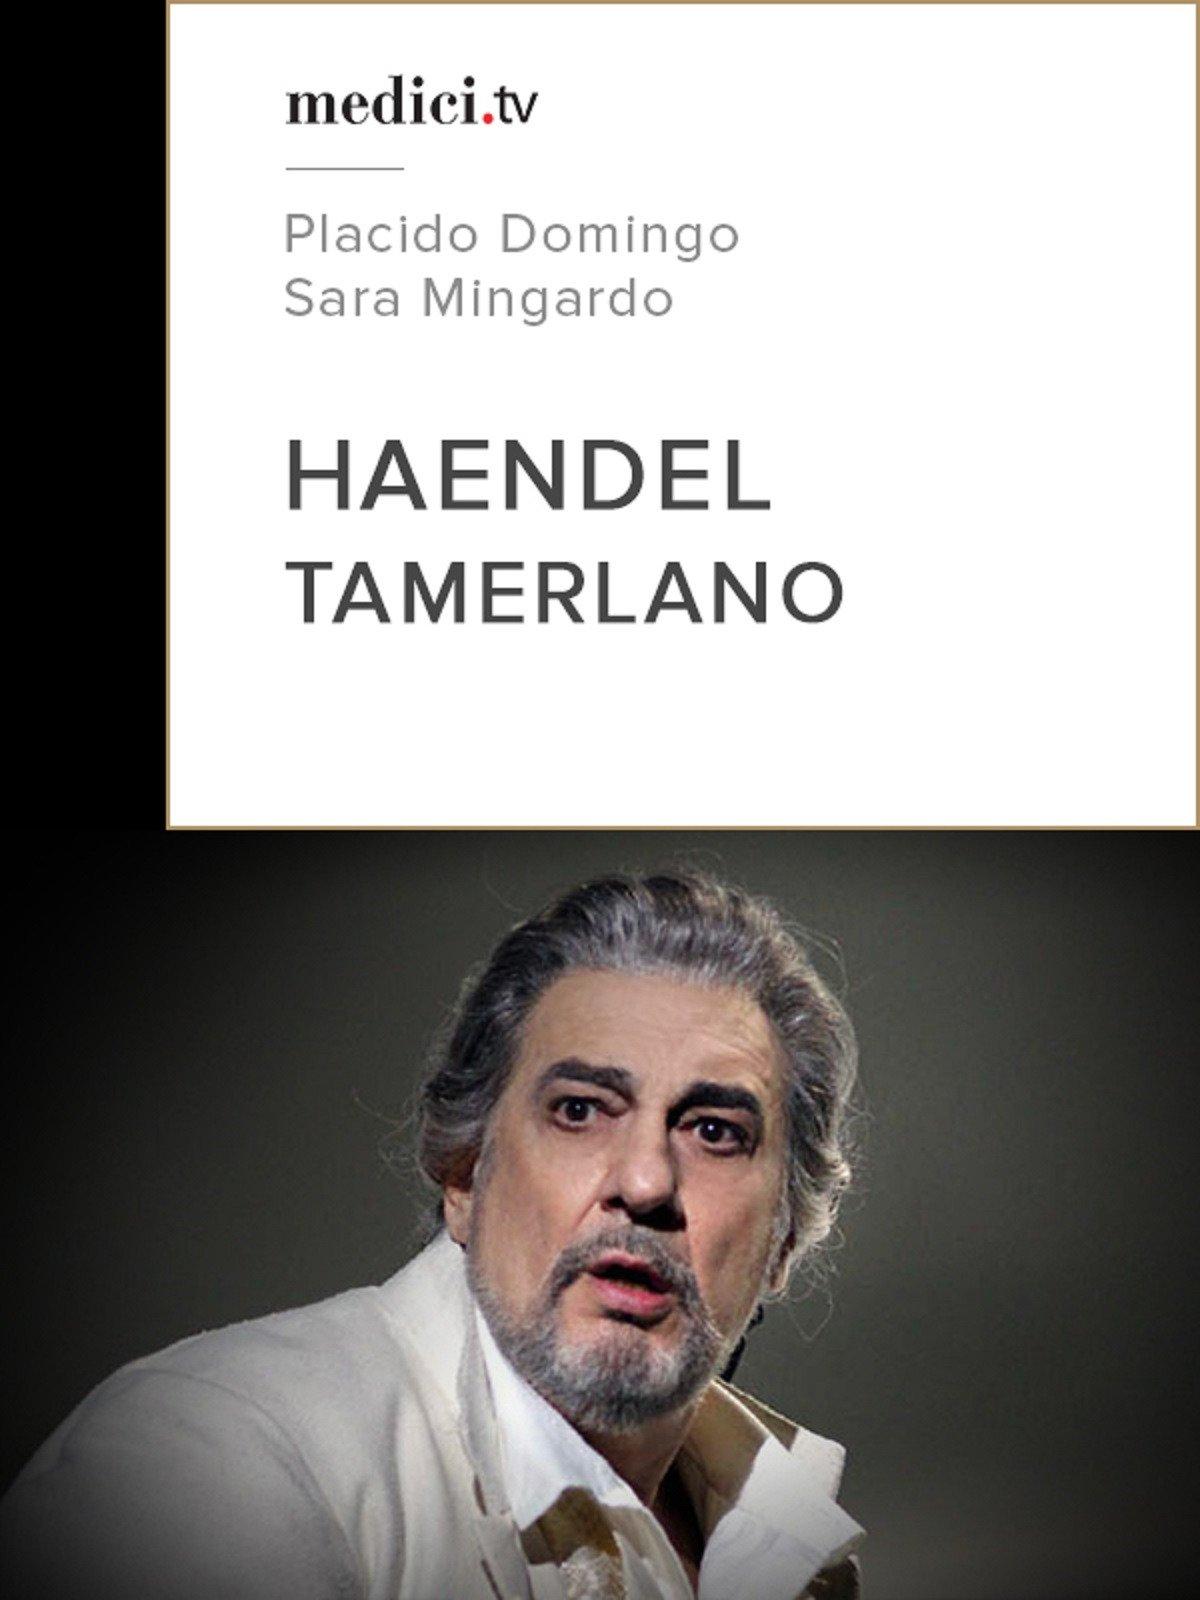 Haendel, Tamerlano